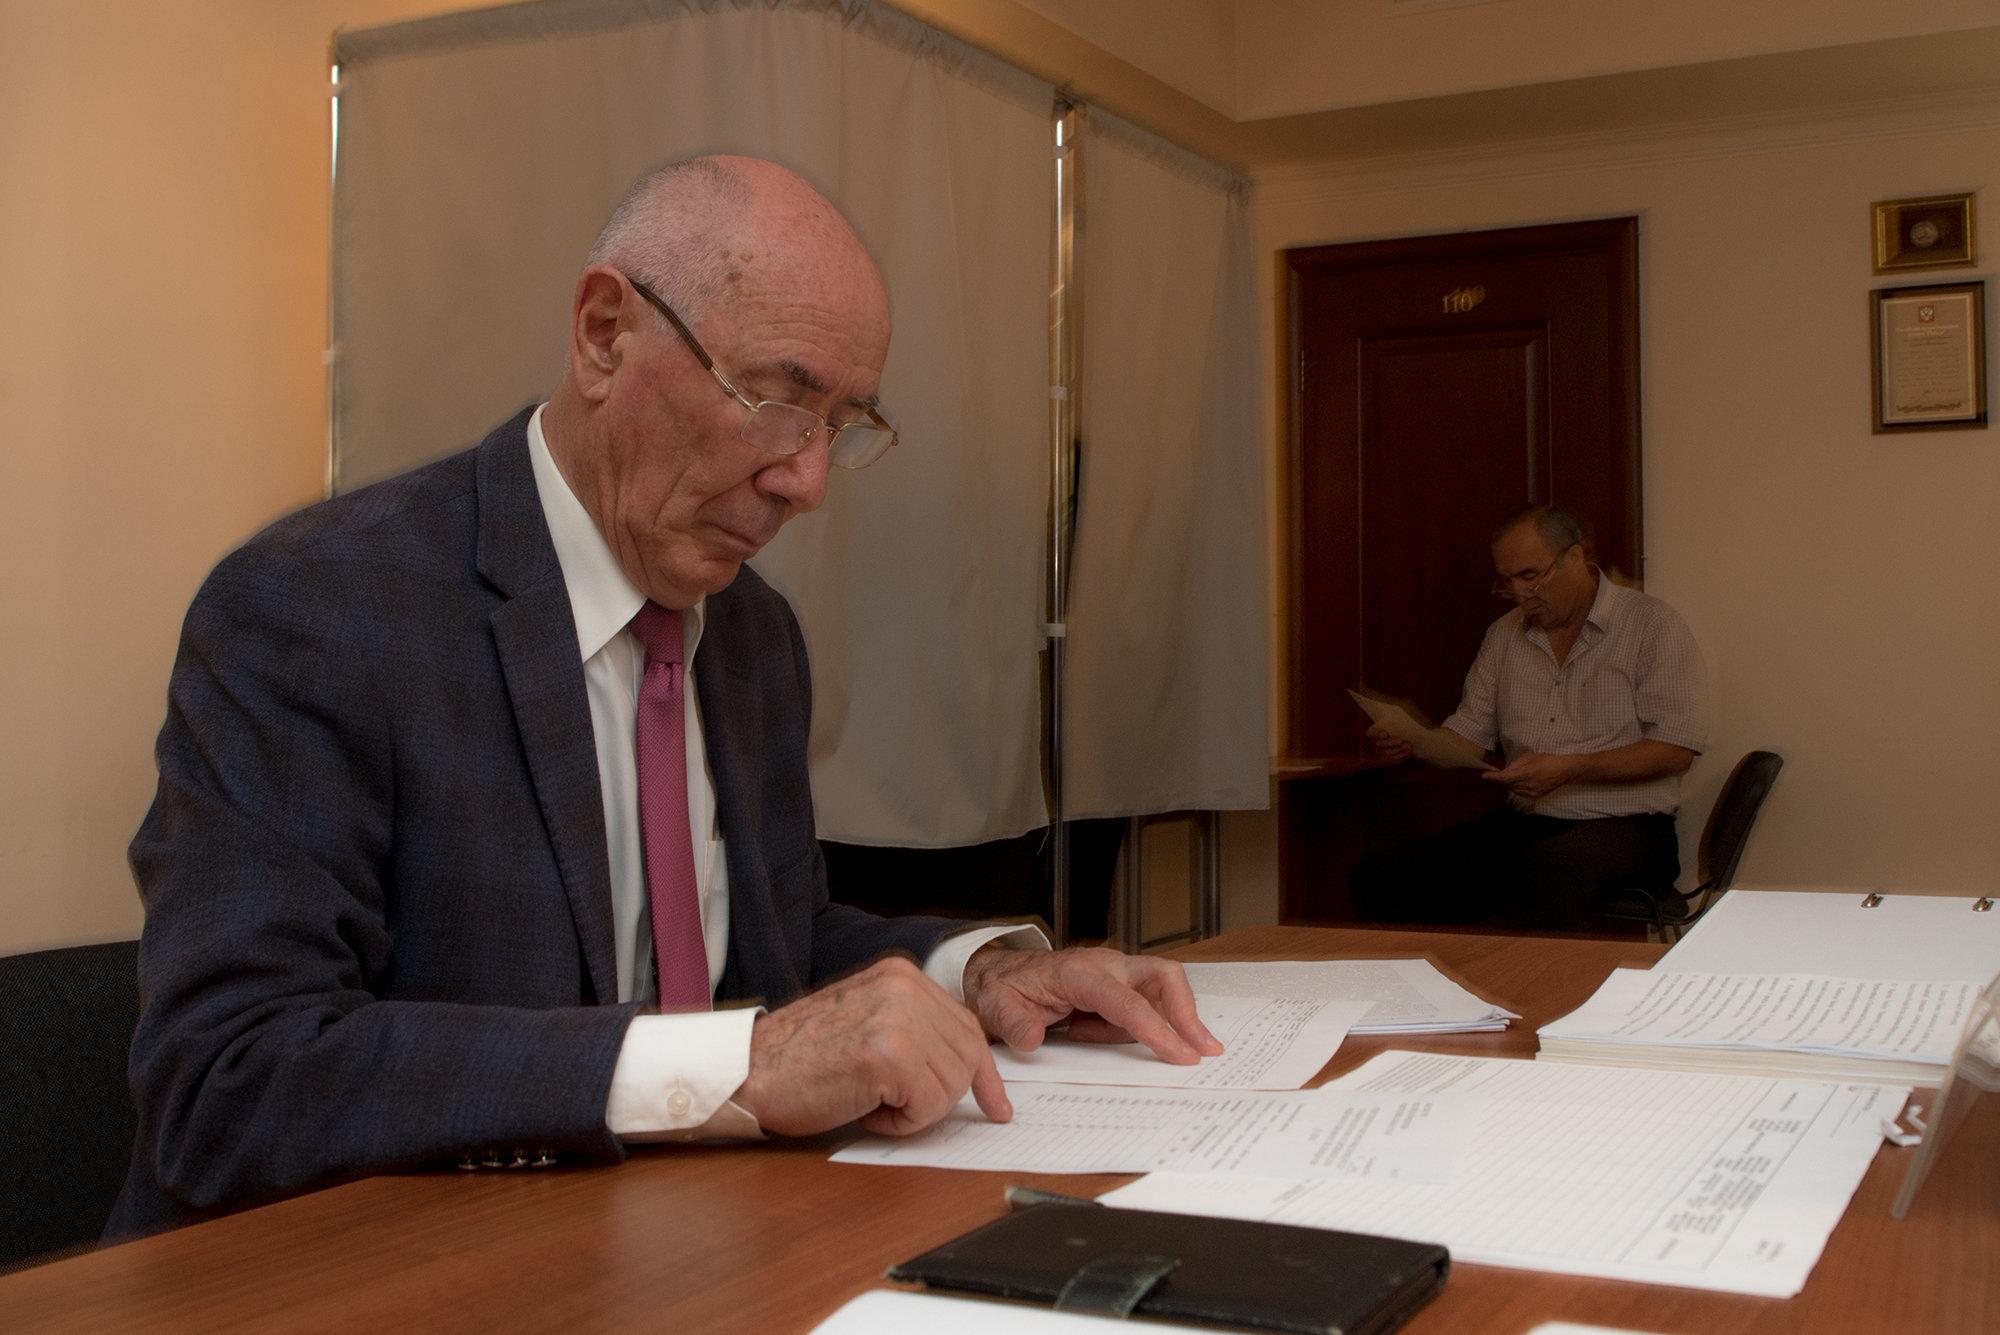 Грузия осудила проведение русских выборов вАбхазии иЮжной Осетии